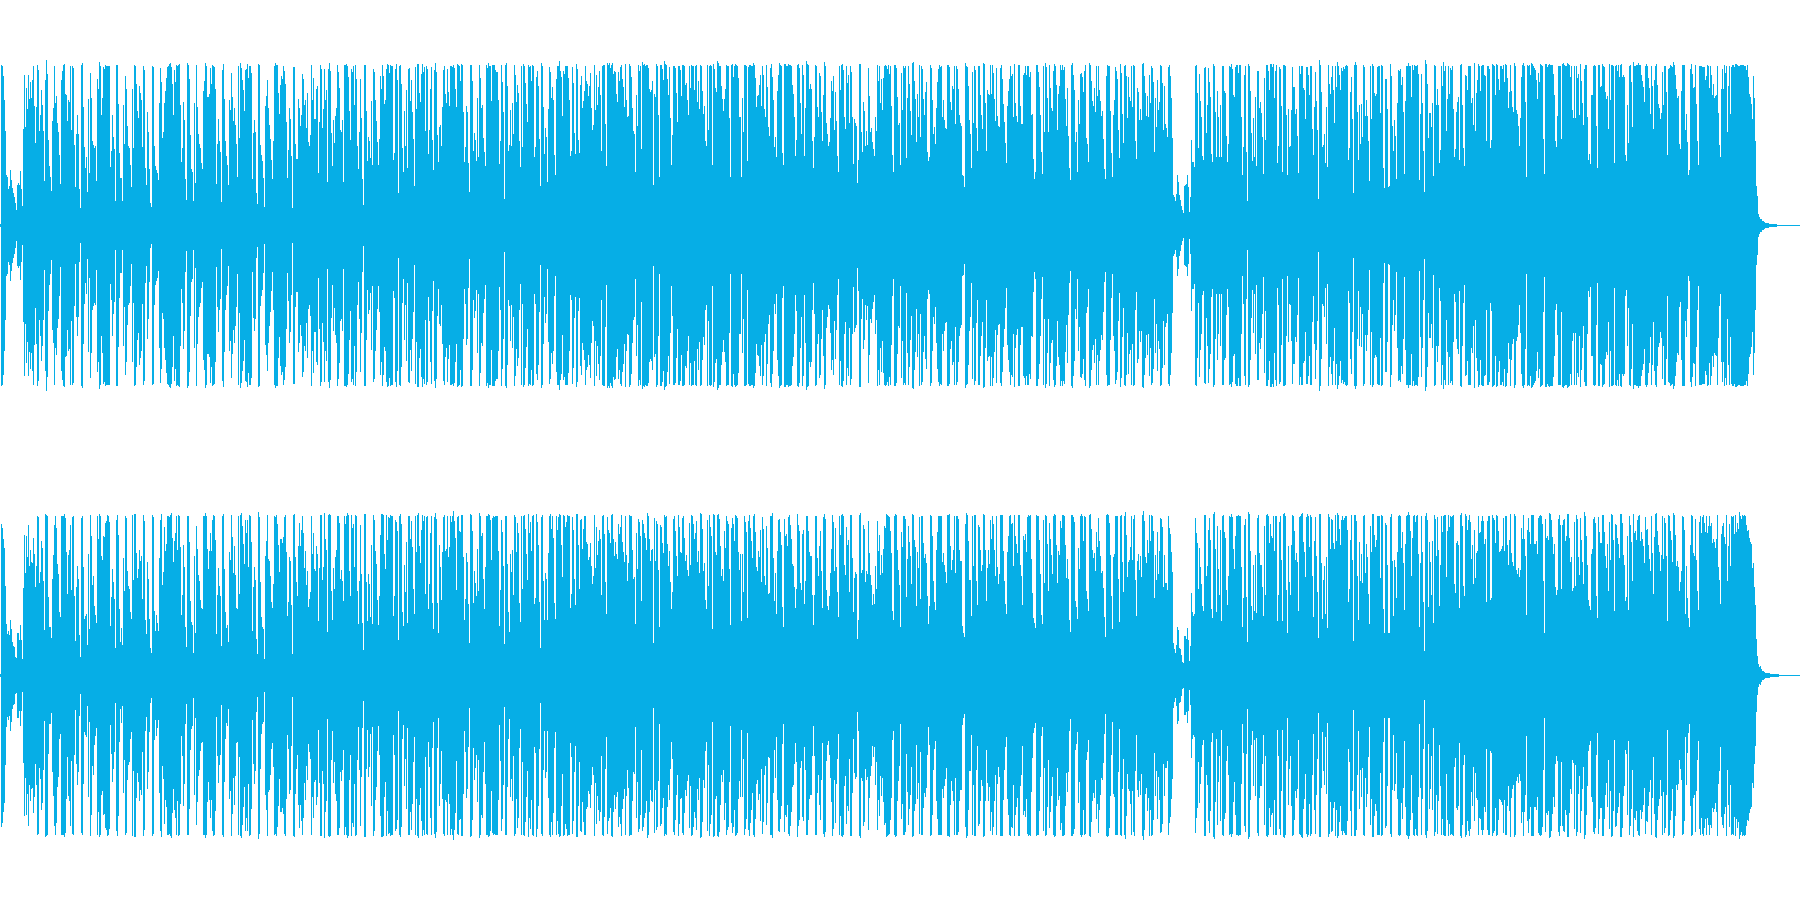 踊りだしたくなるファンキーソウルの再生済みの波形